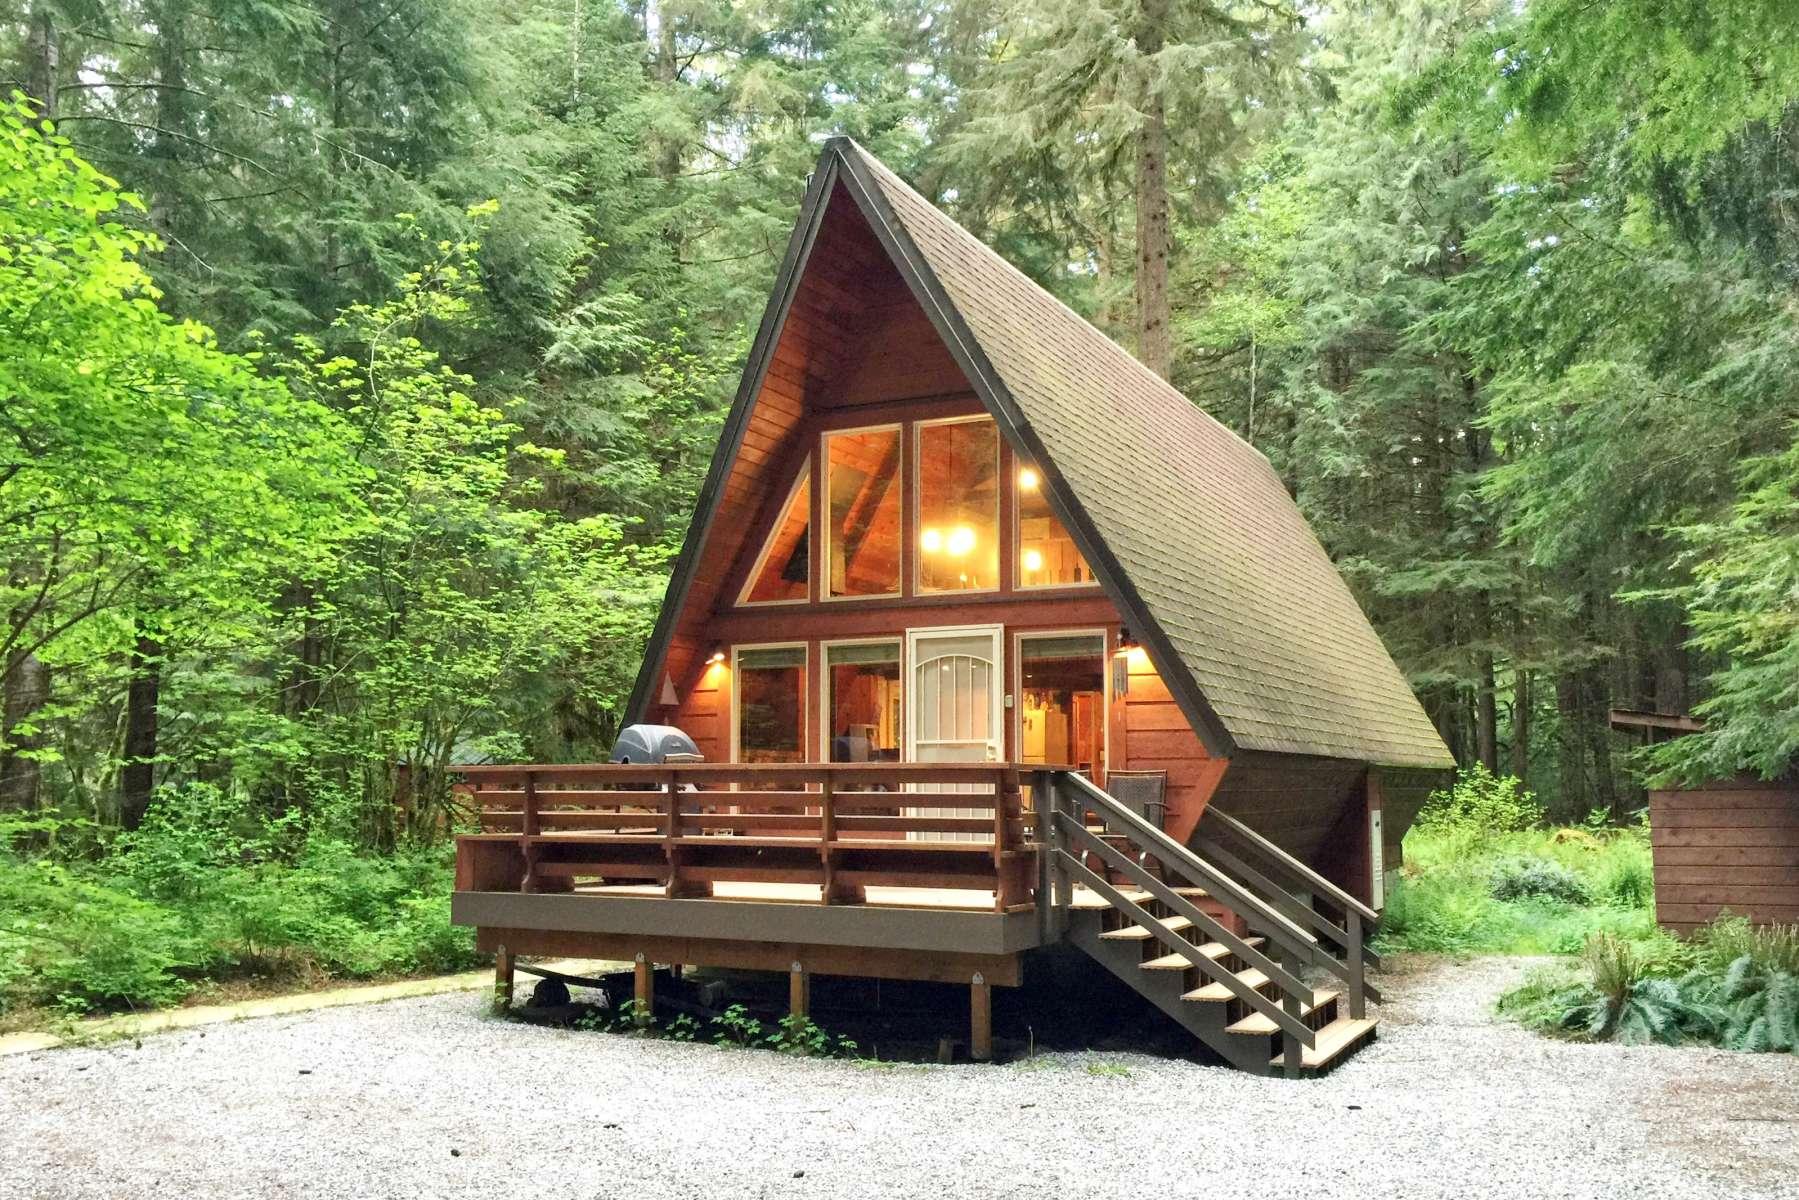 Mt baker lodging cabin 15 mt baker lodging wa 29 for Mount baker cabins